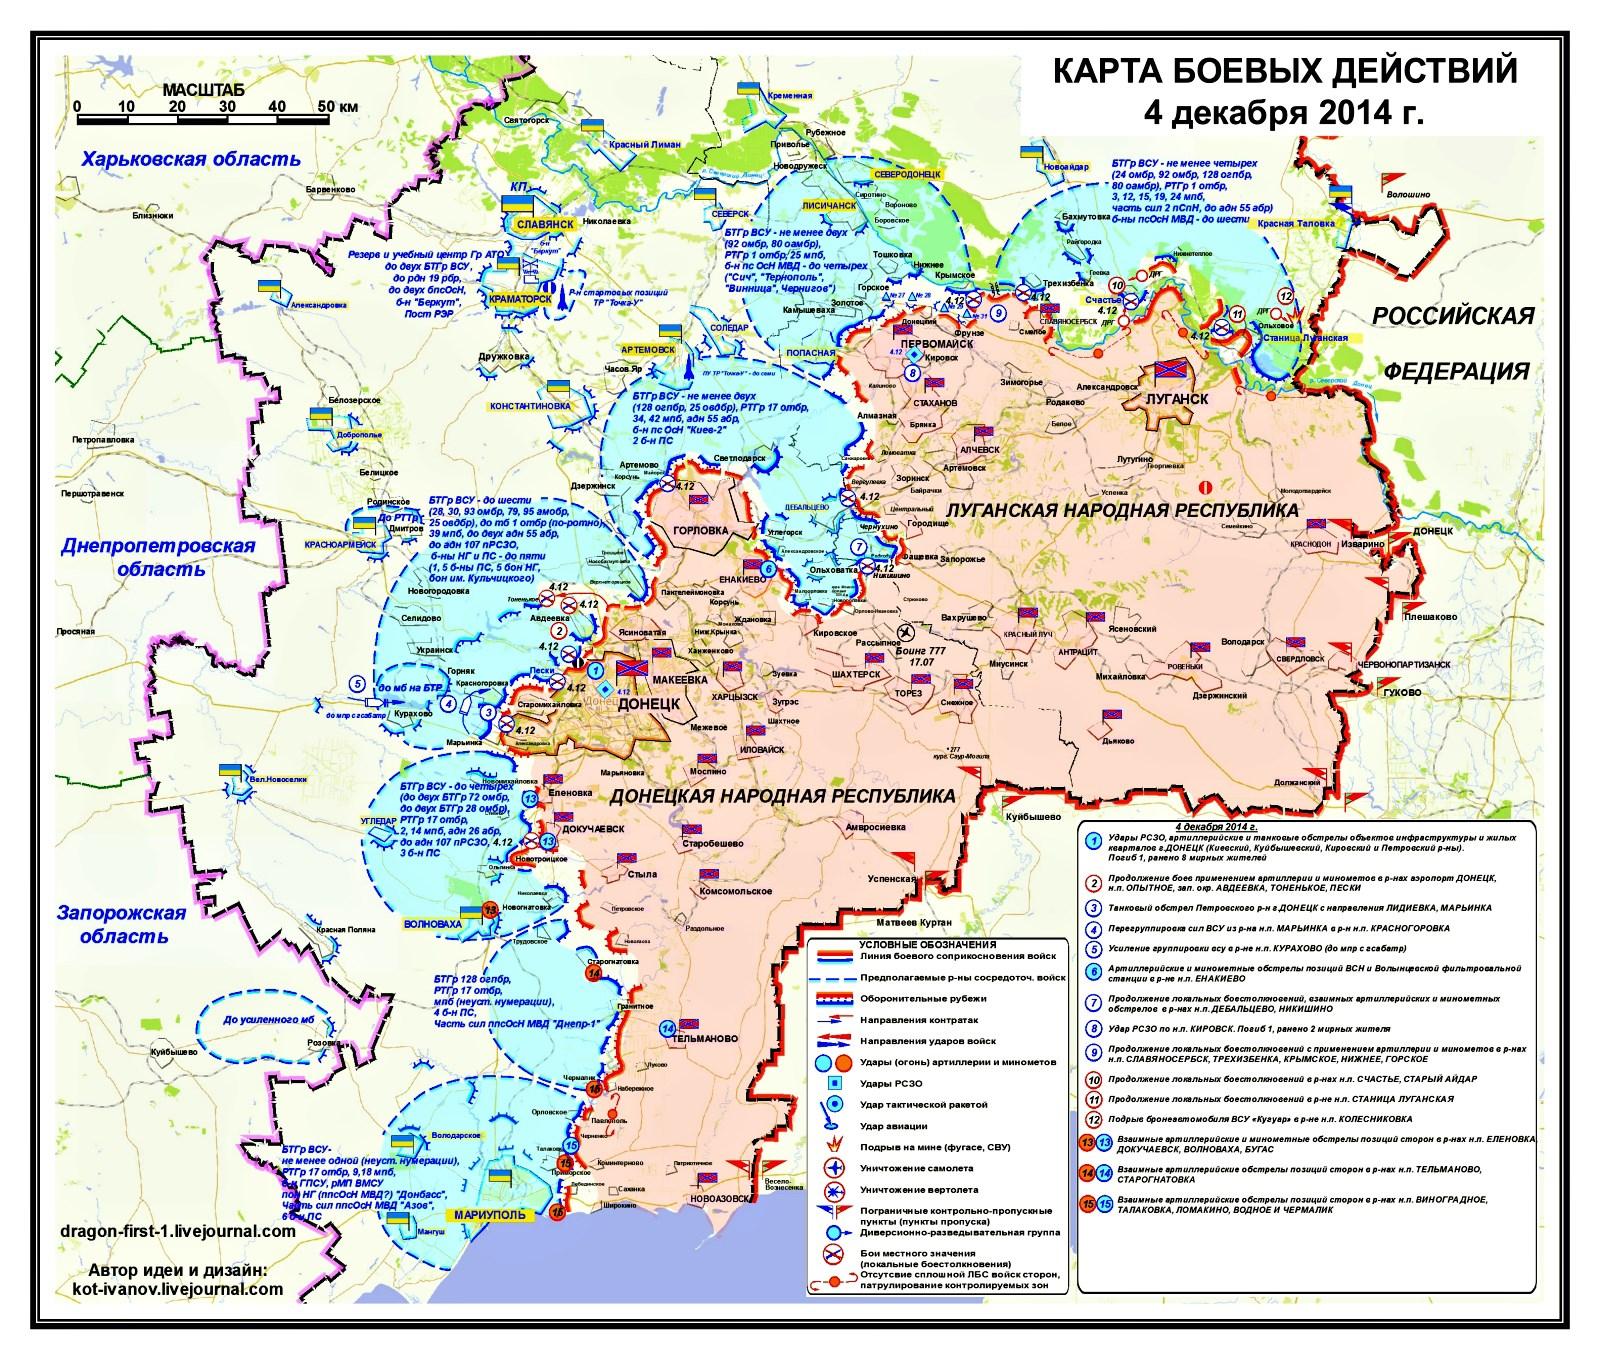 00 sitrep map Novorossiya. 05.12.14